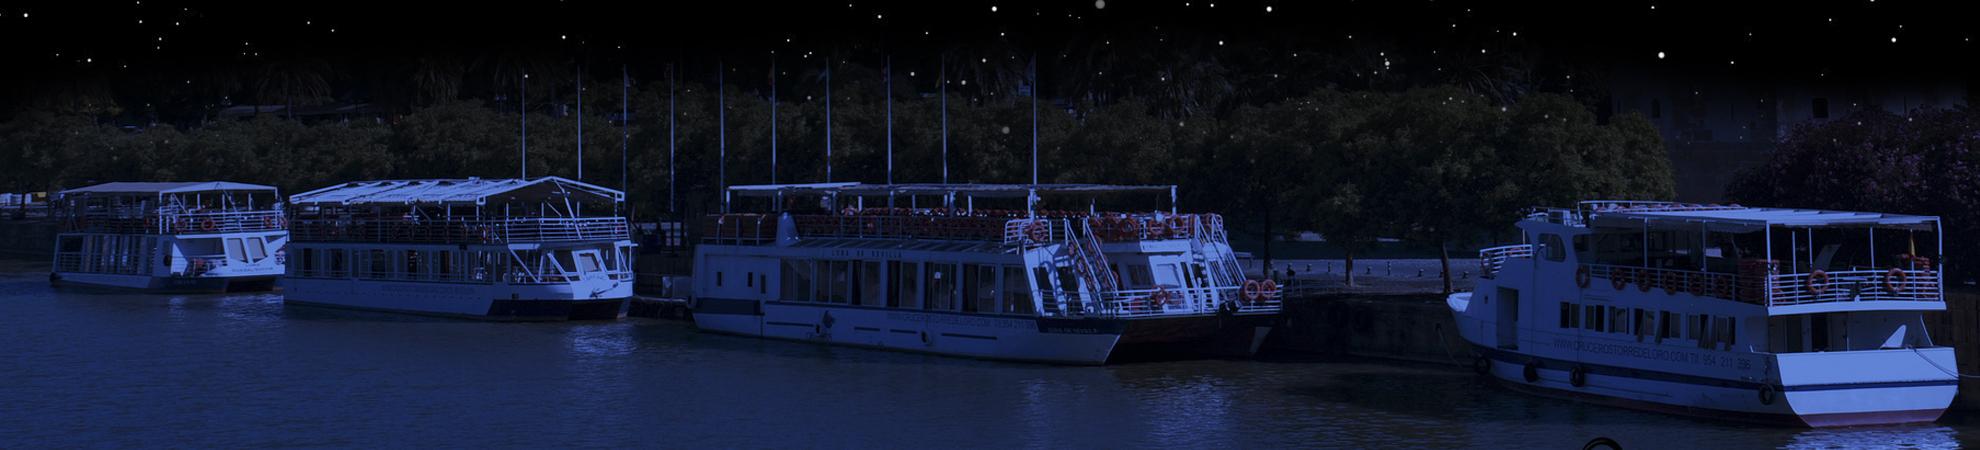 despedidas en barco en sevilla